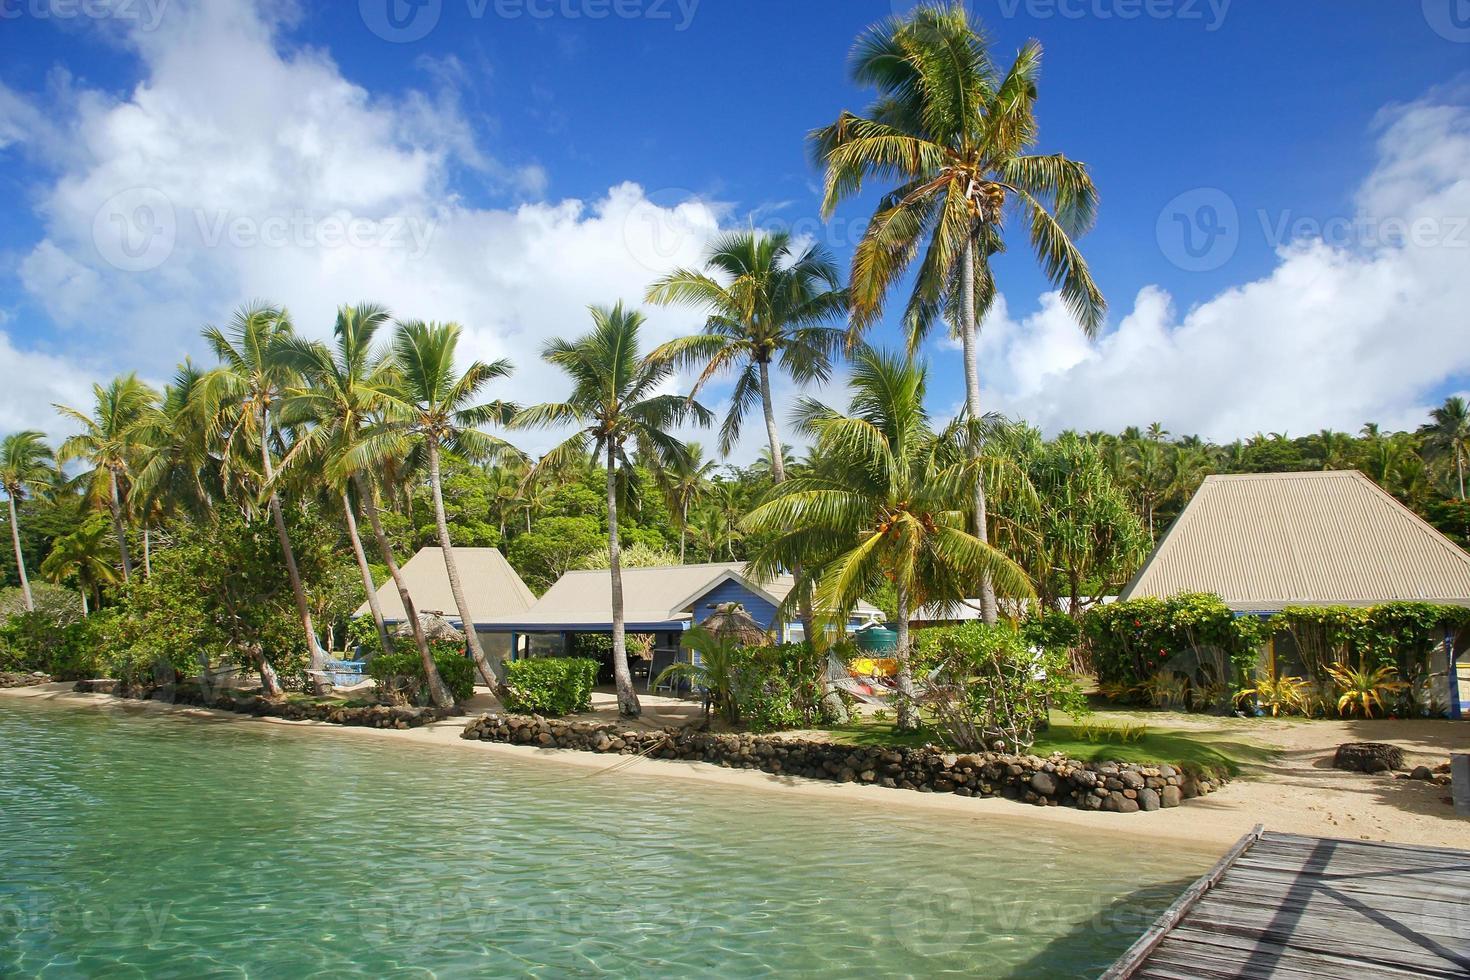 tropisches Resort auf der Insel Nananu-i-Ra, Fidschi foto